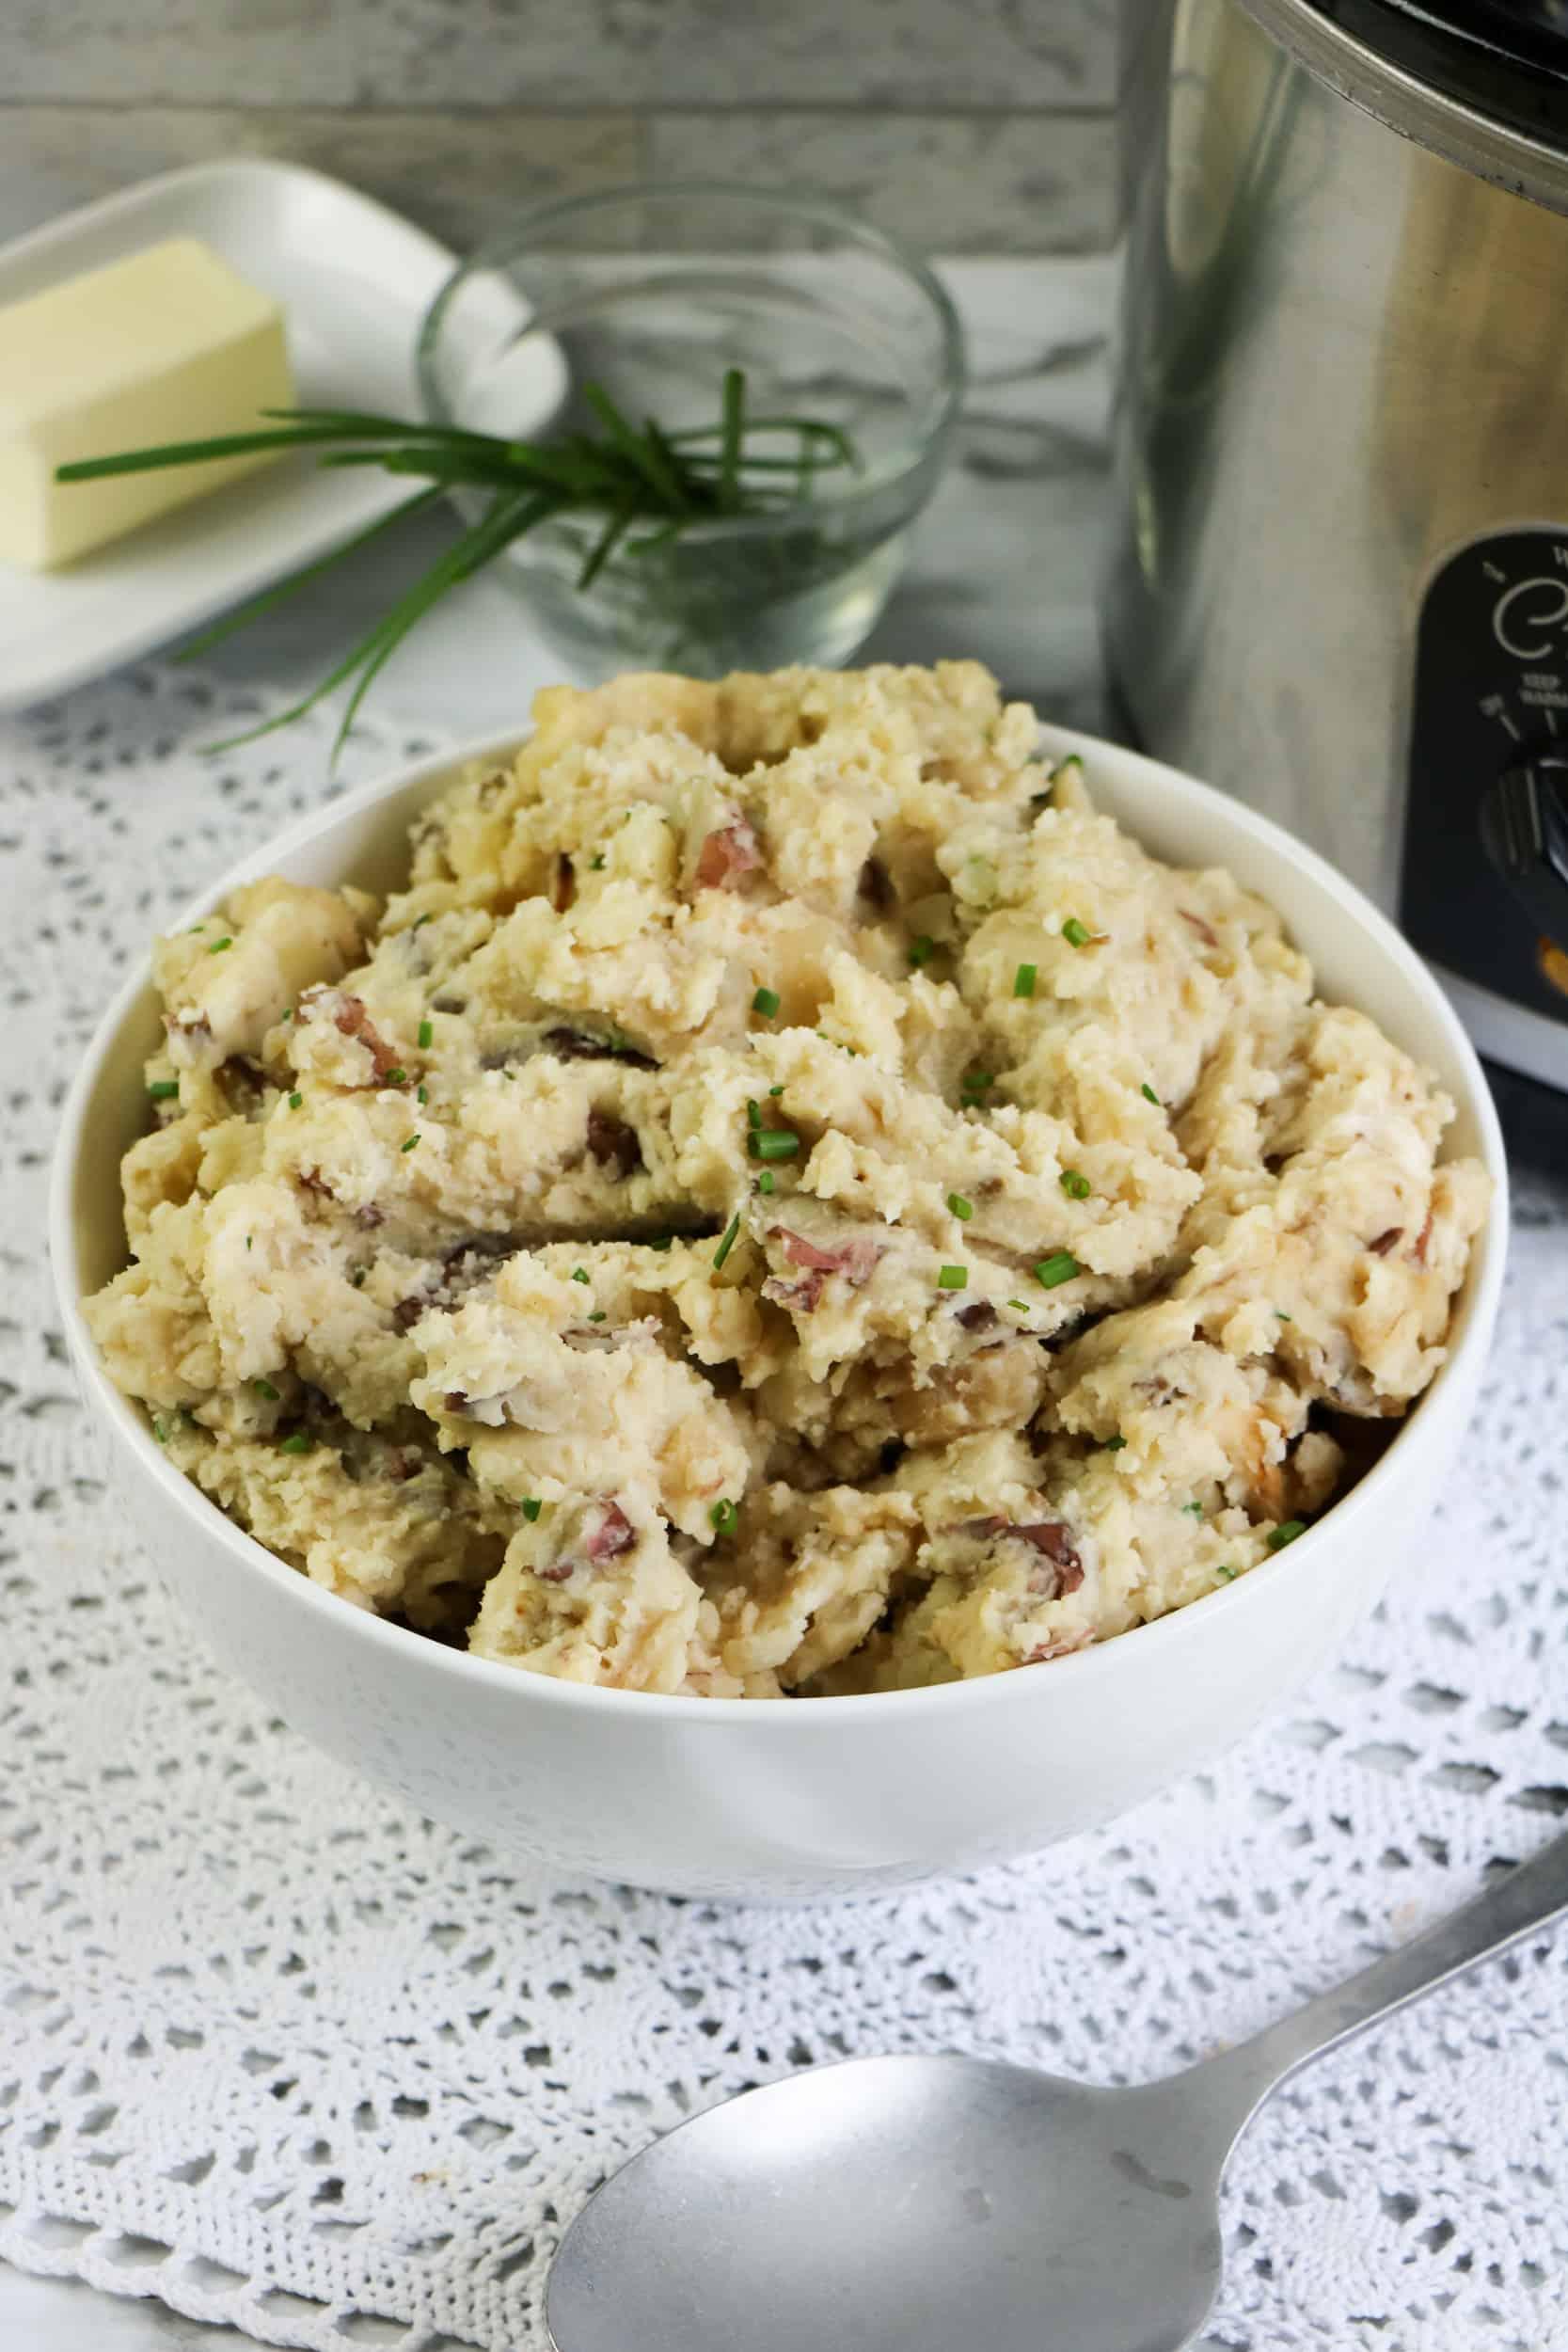 bowl of Slow Cooker Garlic Smashed Potatoes